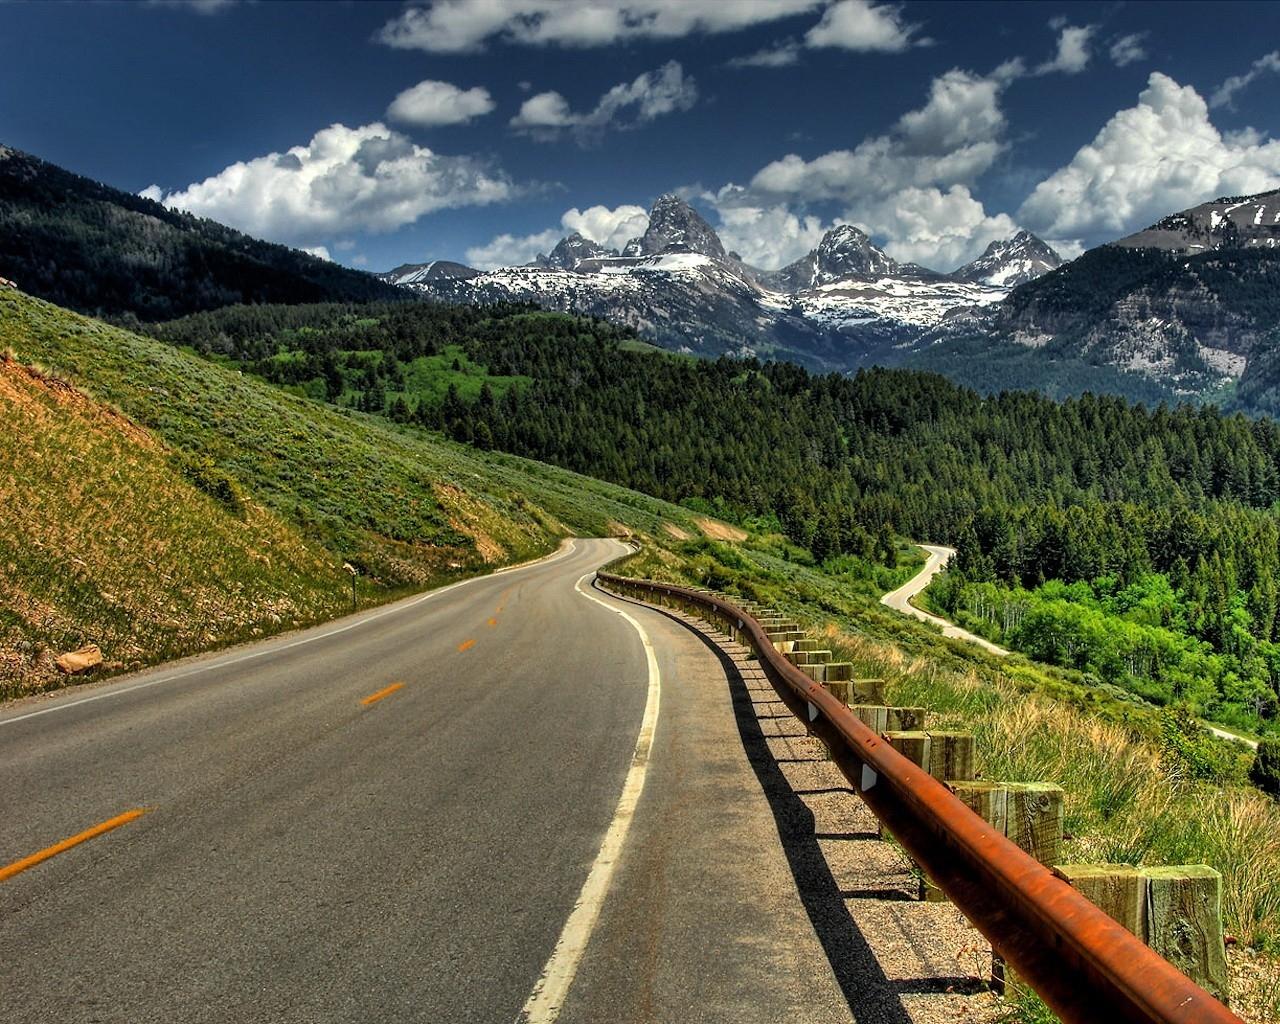 поверхность красивые картинками с дорогами всем, кто принял